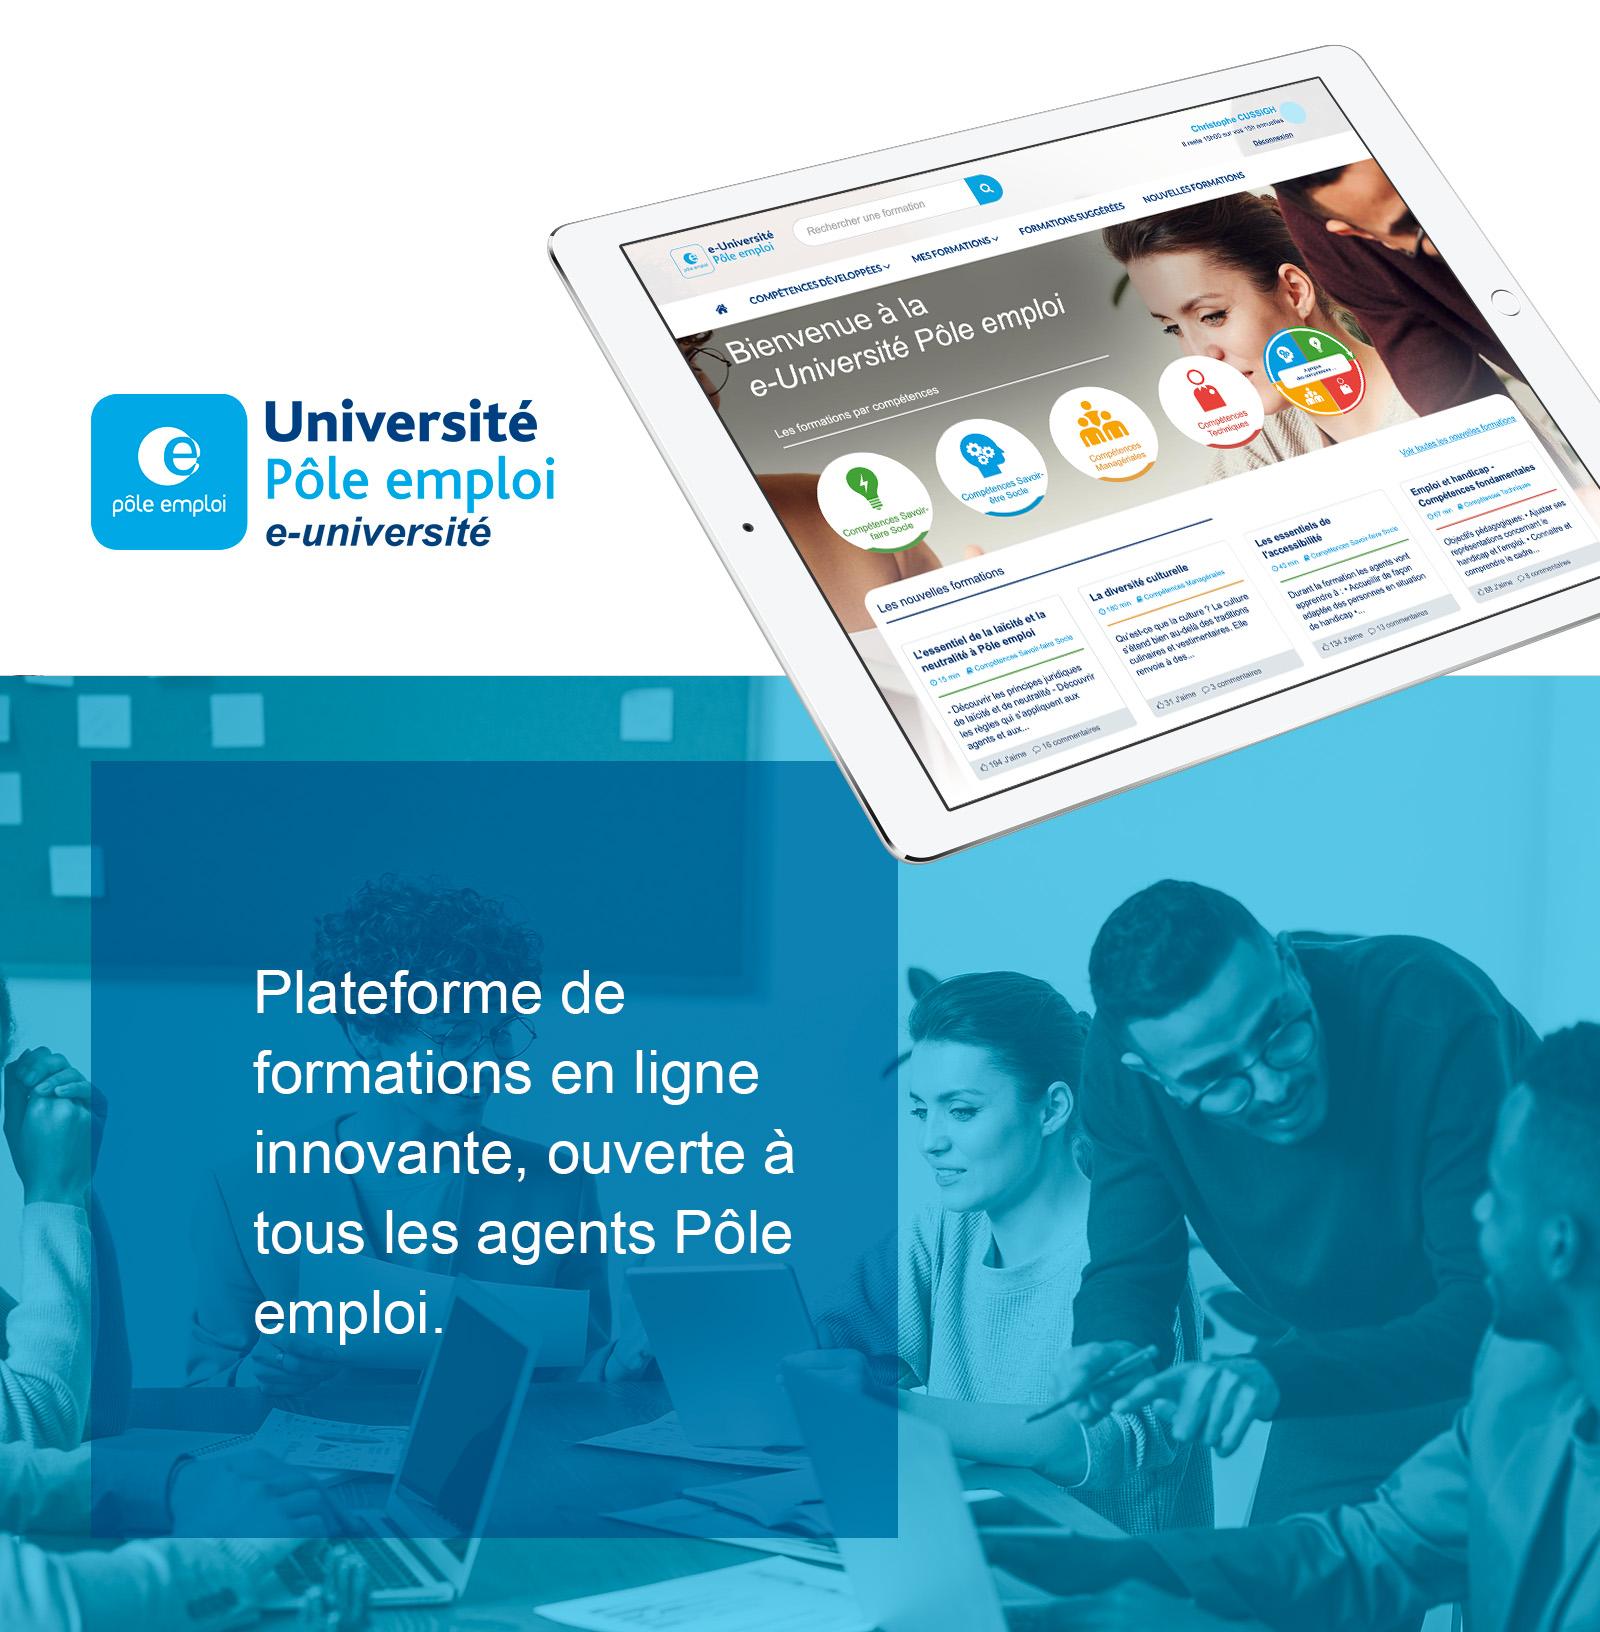 Plateforme de formations en ligne innovante, ouverte à tous les agents Pôle emploi.